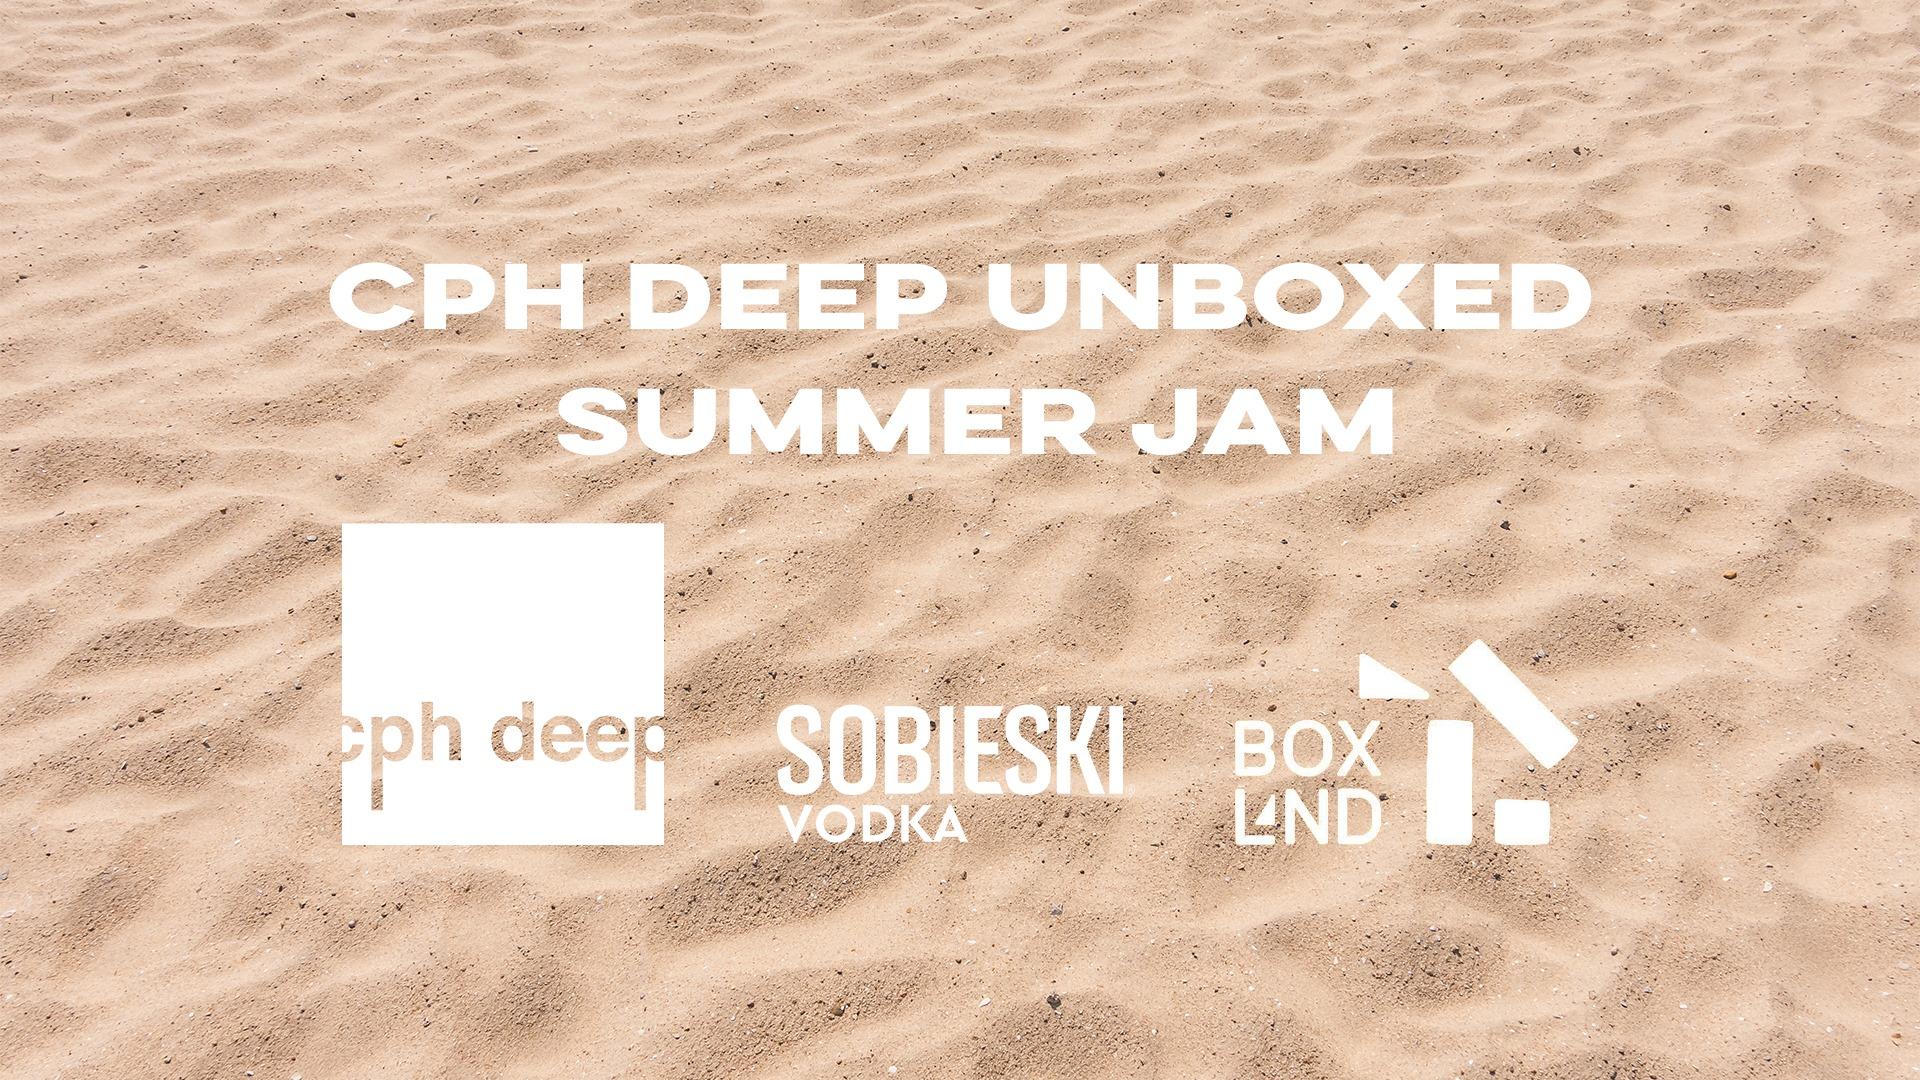 CPH DEEP UNBOXED SUMMER JAM